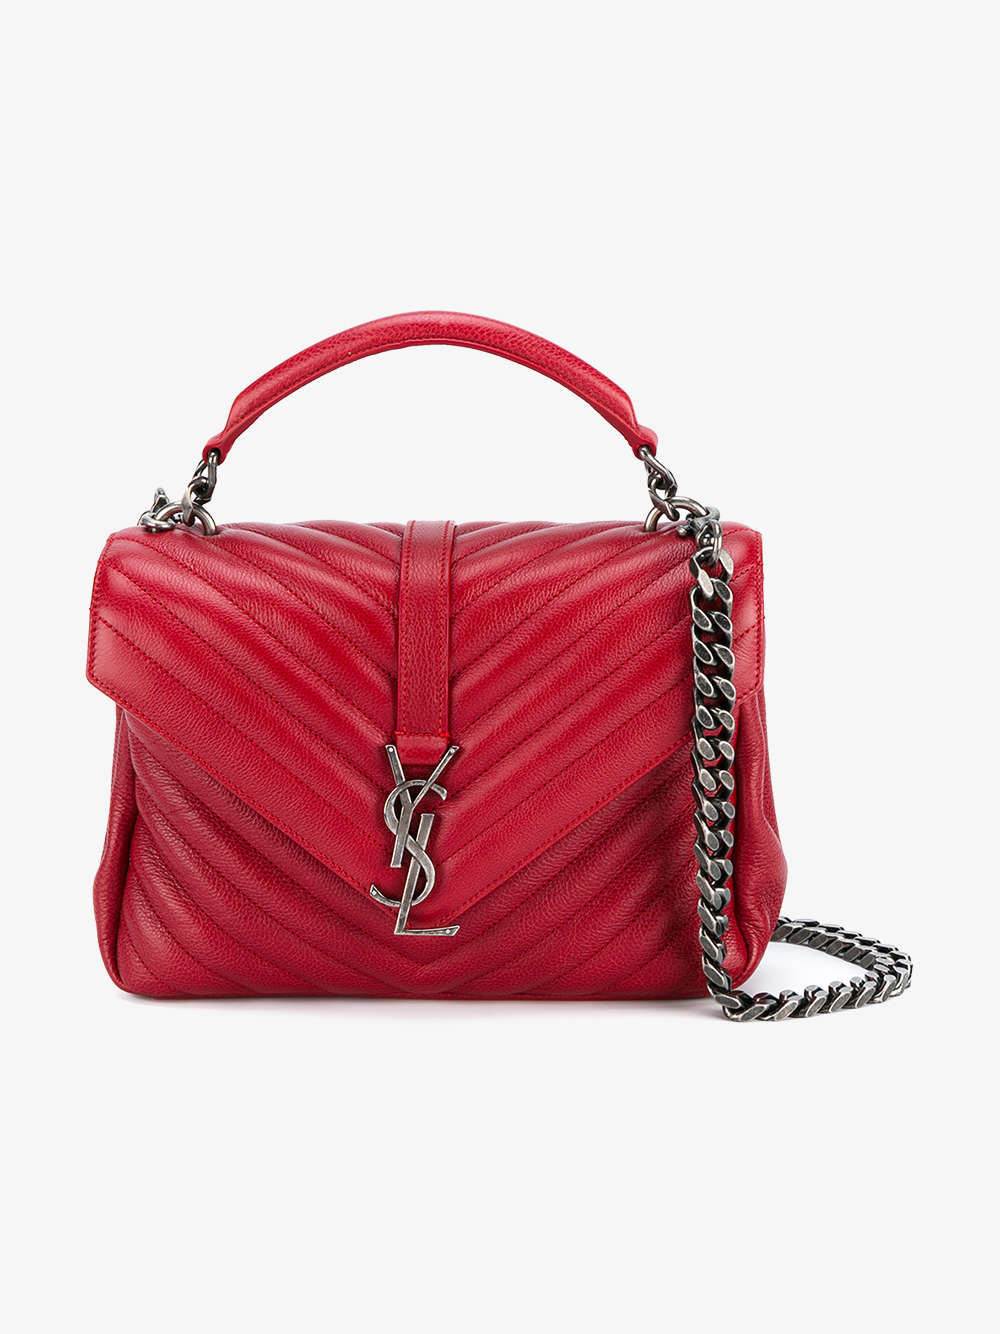 5e311e51d5ca Lyst - Saint laurent Medium Leather Monogram College Bag .